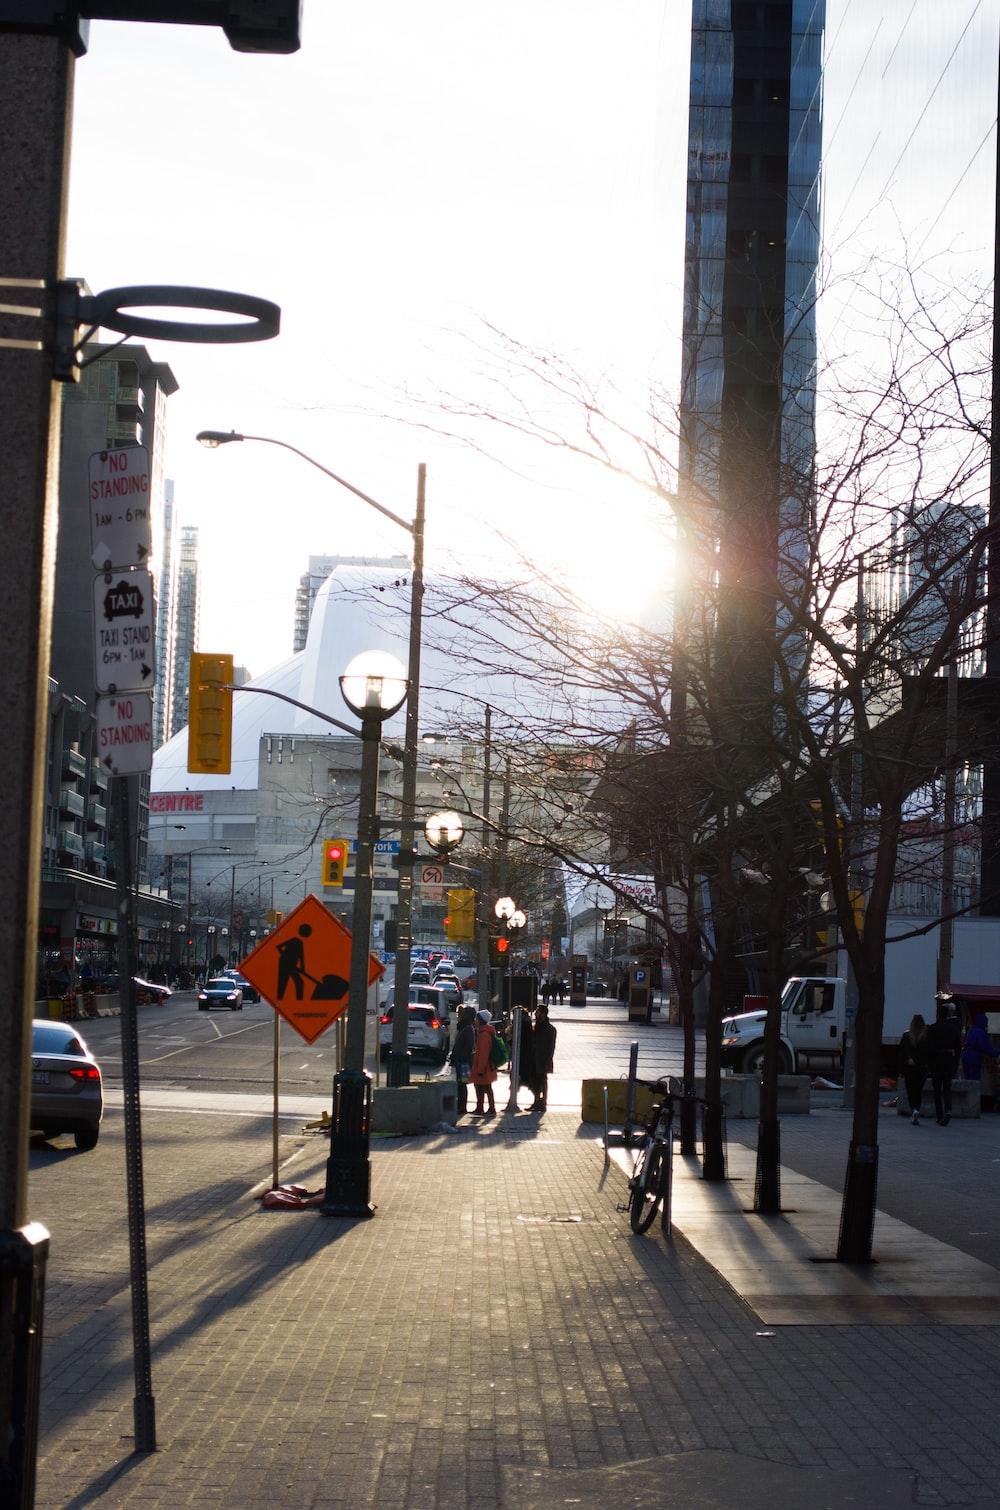 people walking on sidewalk near street light during daytime